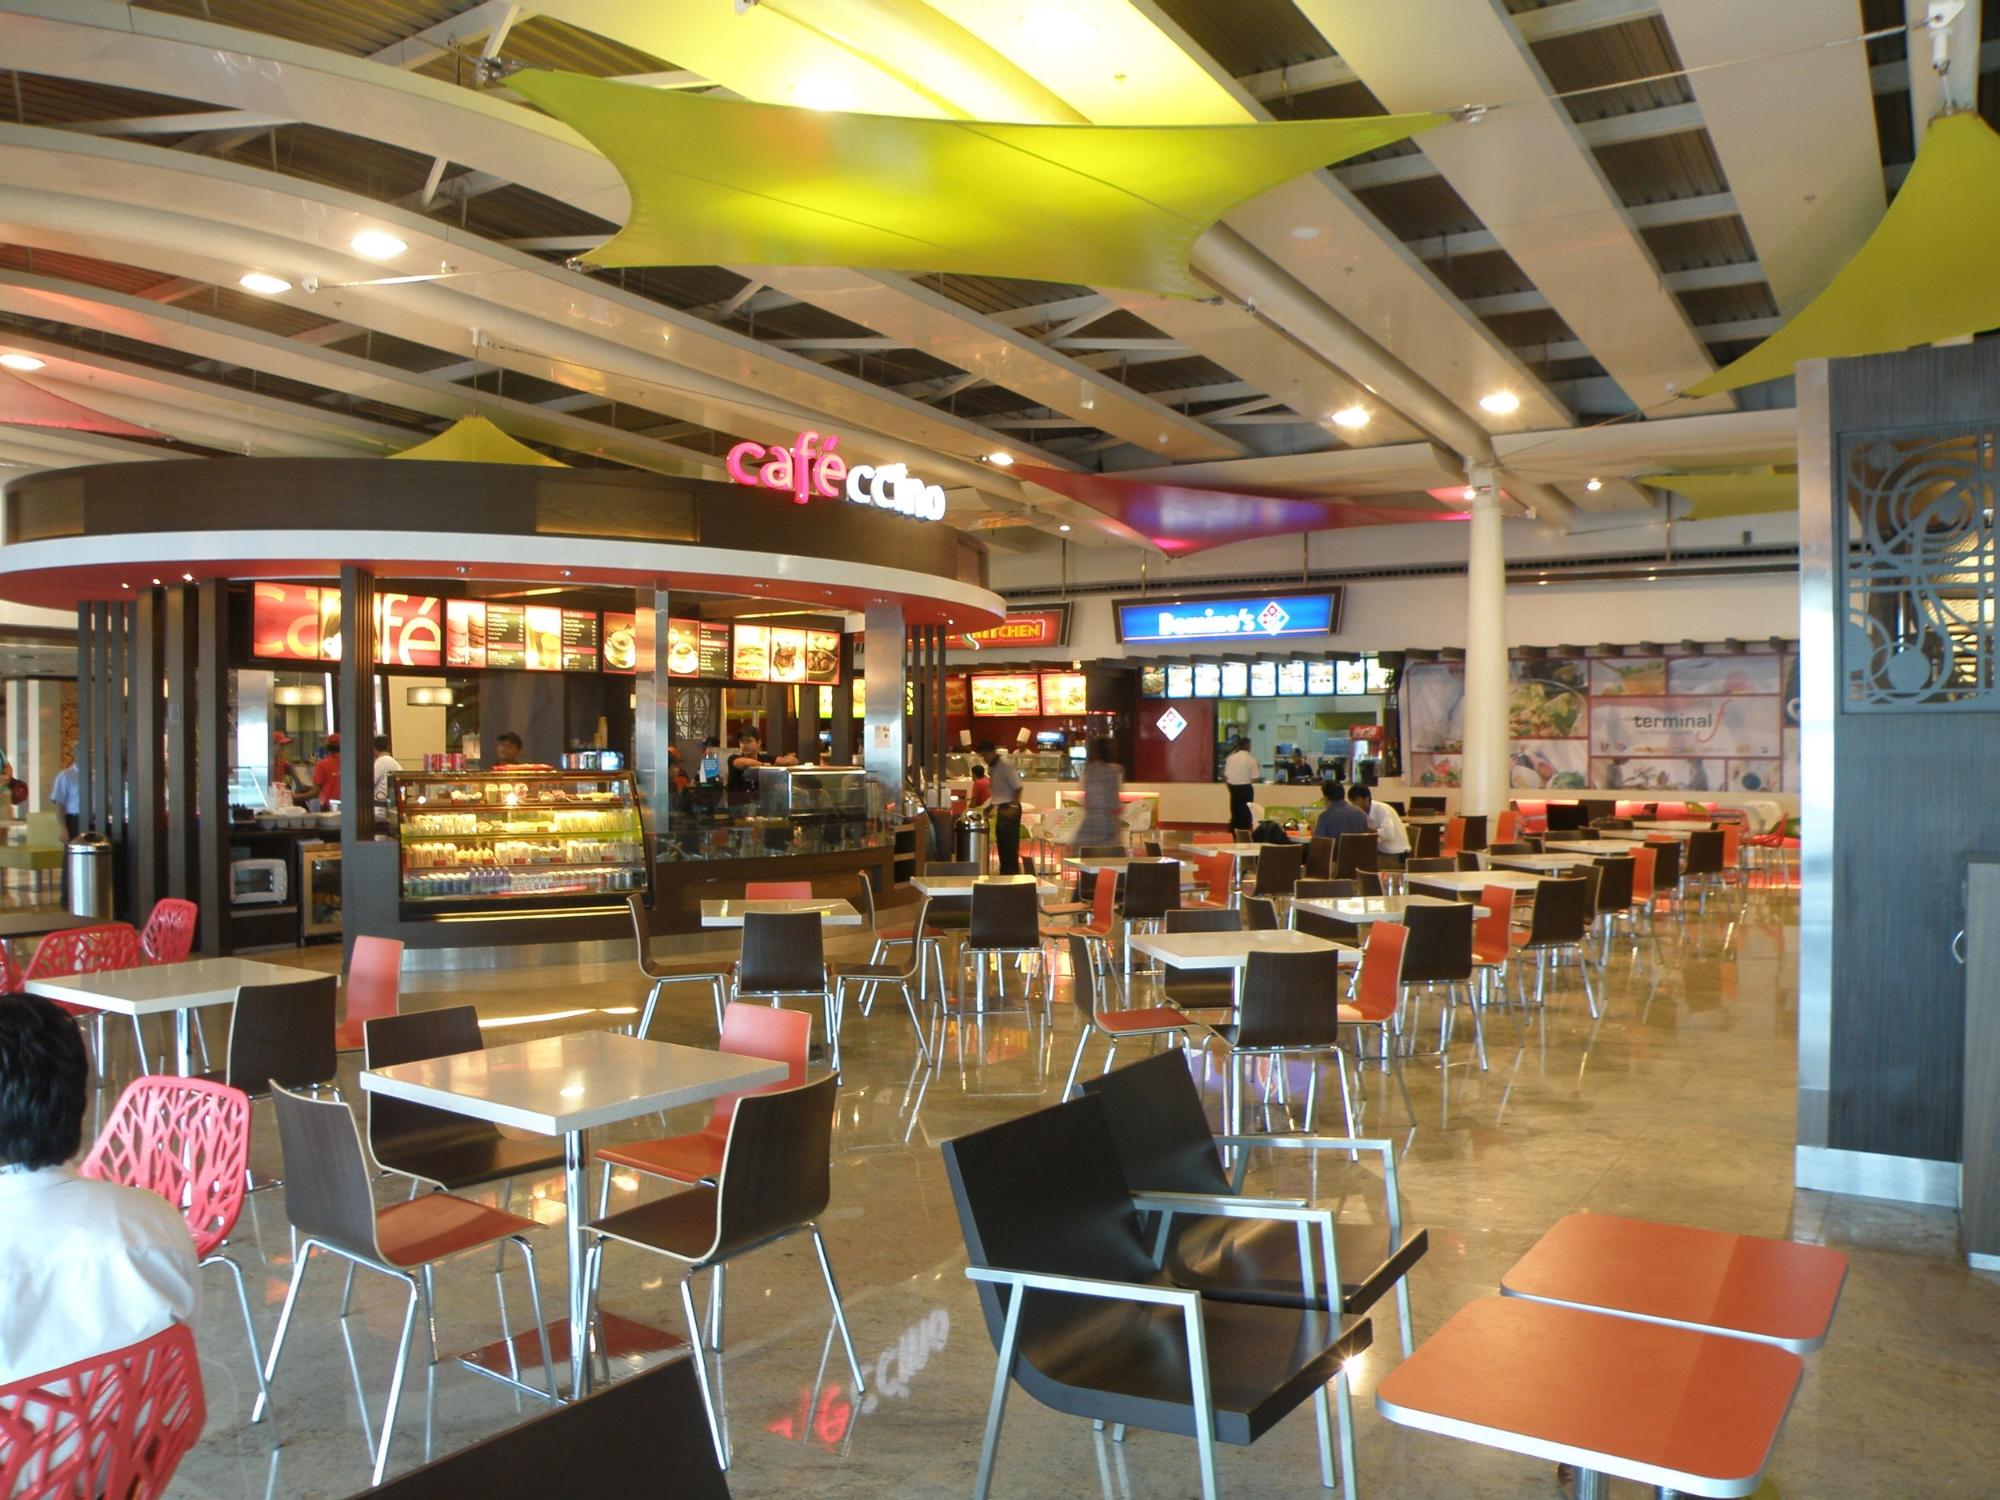 Terminal_food_court_between_terminals_1A_and_1C_at_Mumbai_airport_(2).JPG